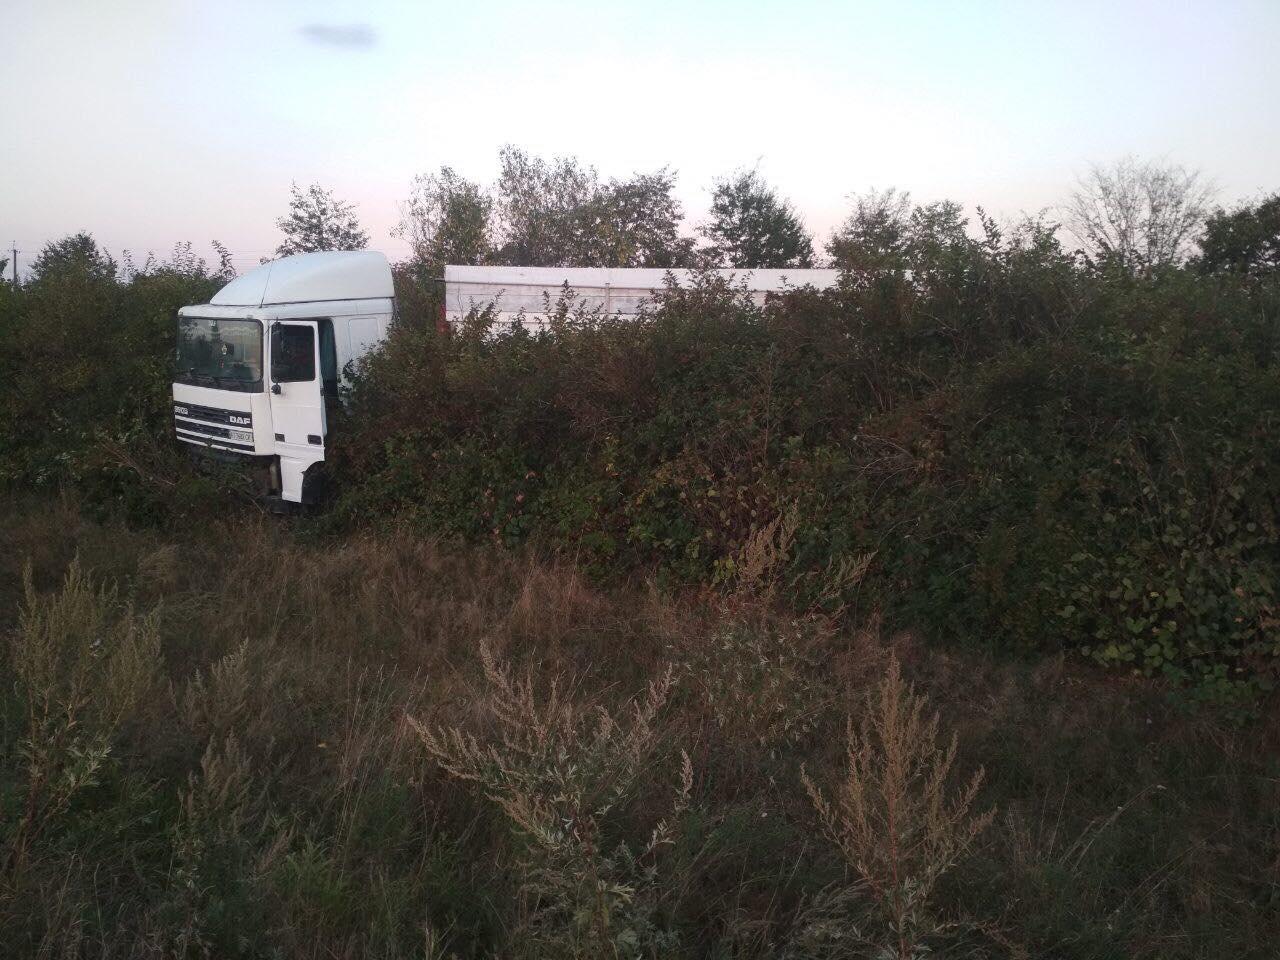 На дорозі між Франківськом і Надвірною фура вилетіла з дороги і зупинилася в чагарниках (ФОТО)